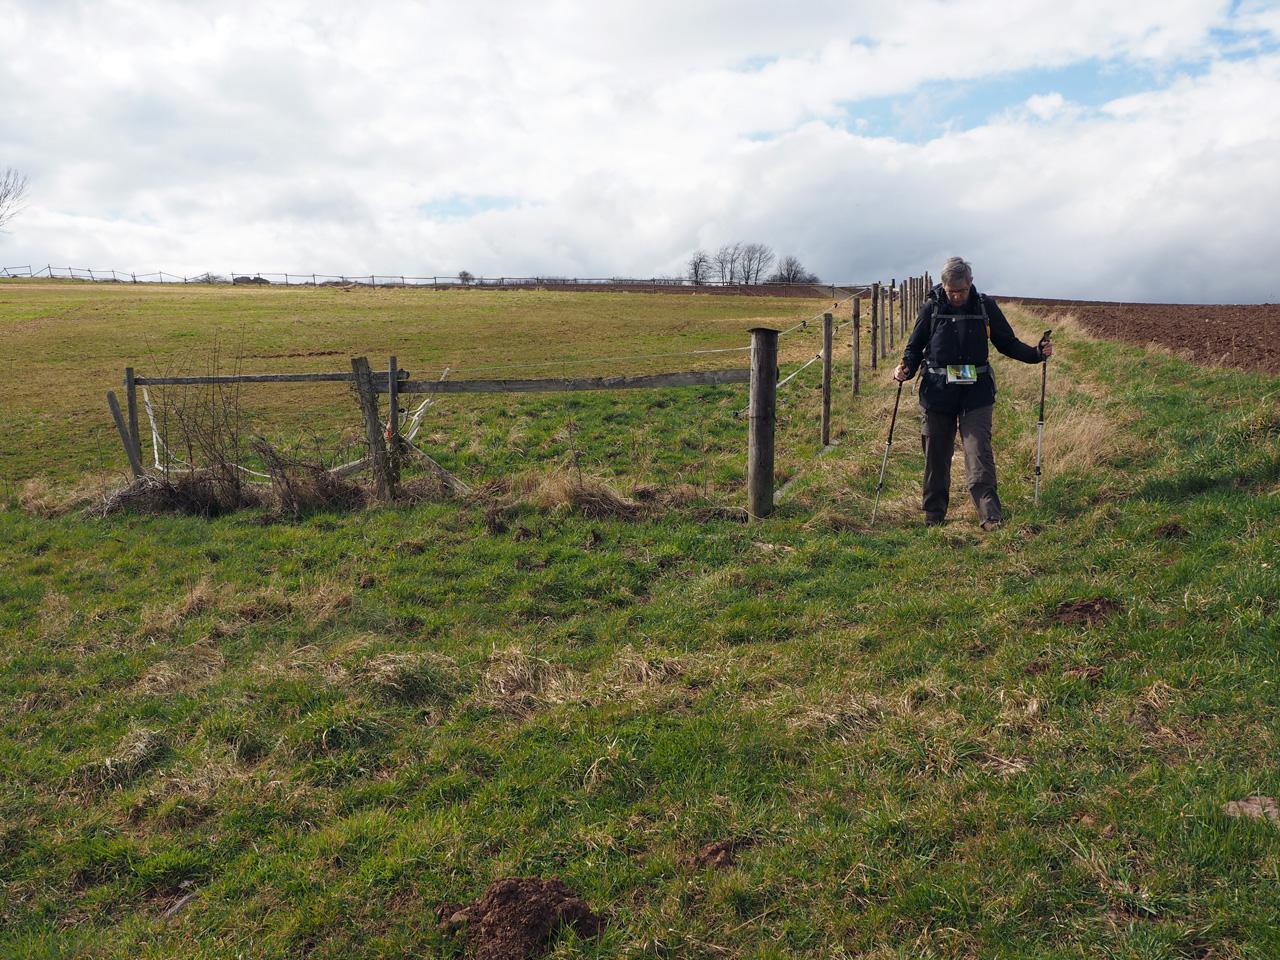 vlak boven Vussem zoeken naar een pad